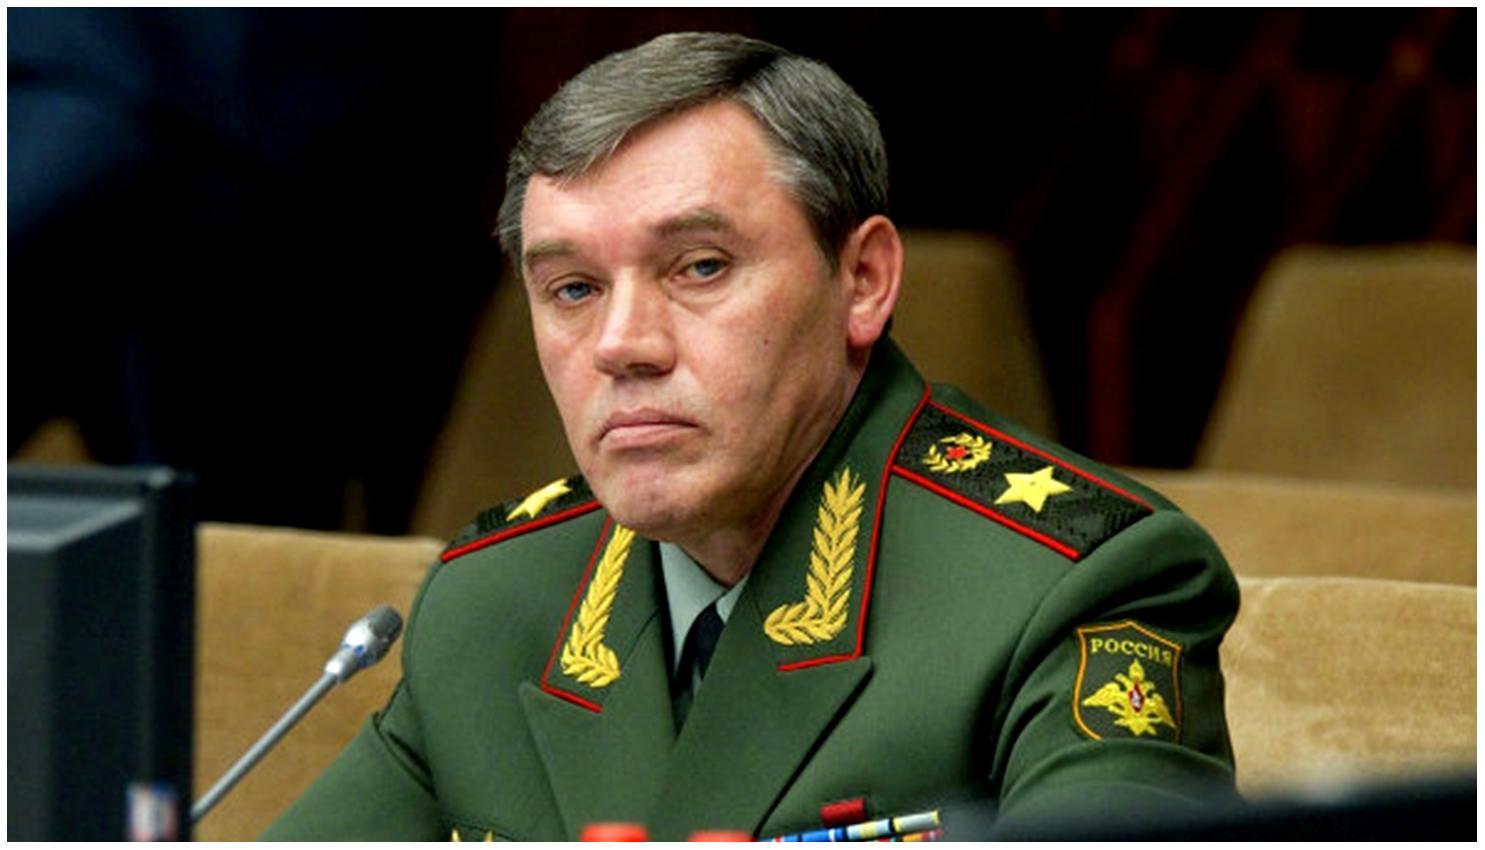 Валерий Герасимов воспользовался секретным каналом между МО РФ и Пентагоном